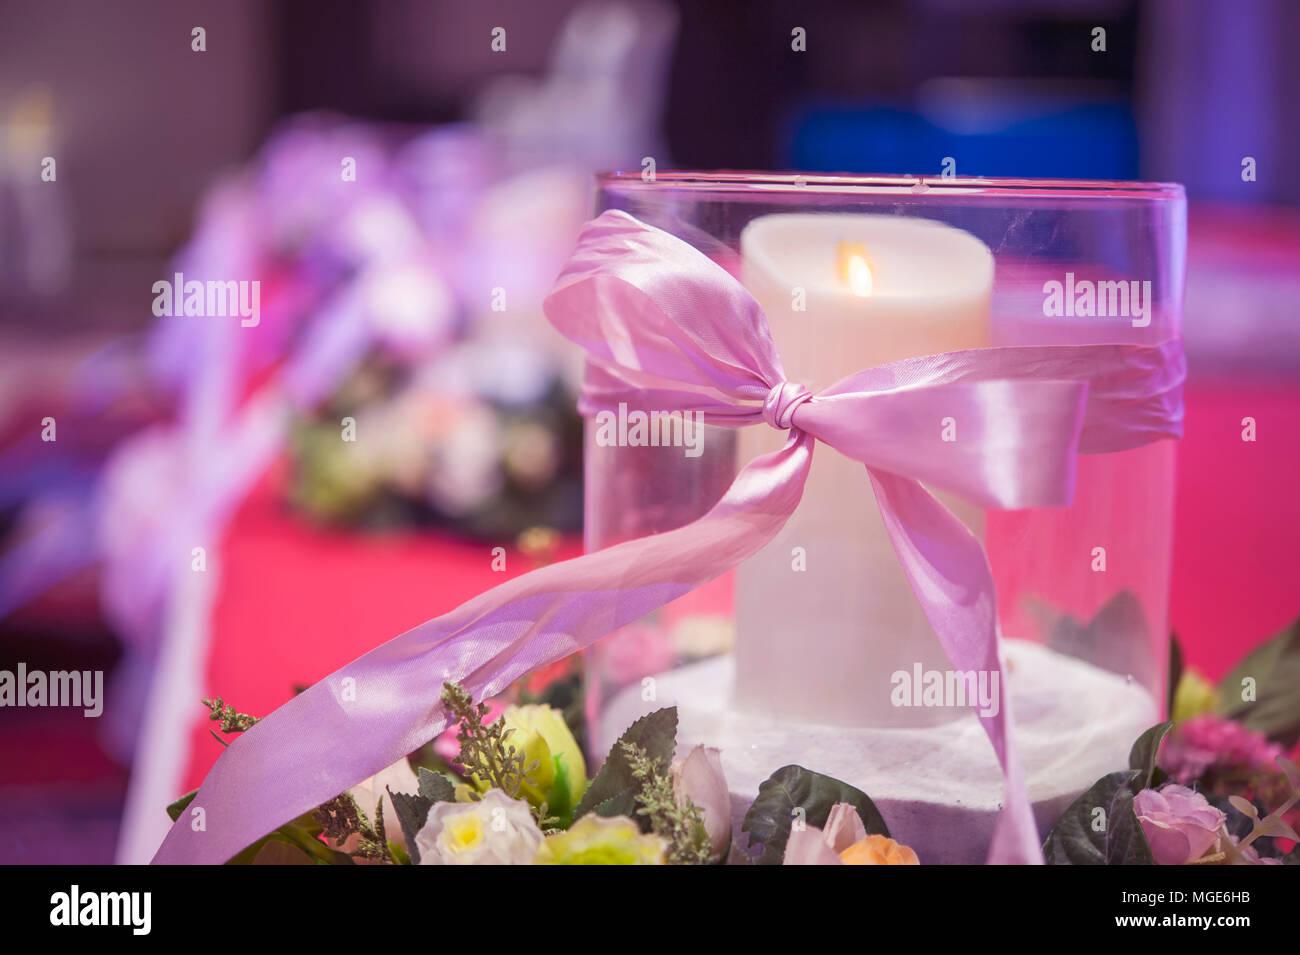 Hochzeit Dekoration Ein Glas Mit Weissen Kerze Und Pink Ribbon